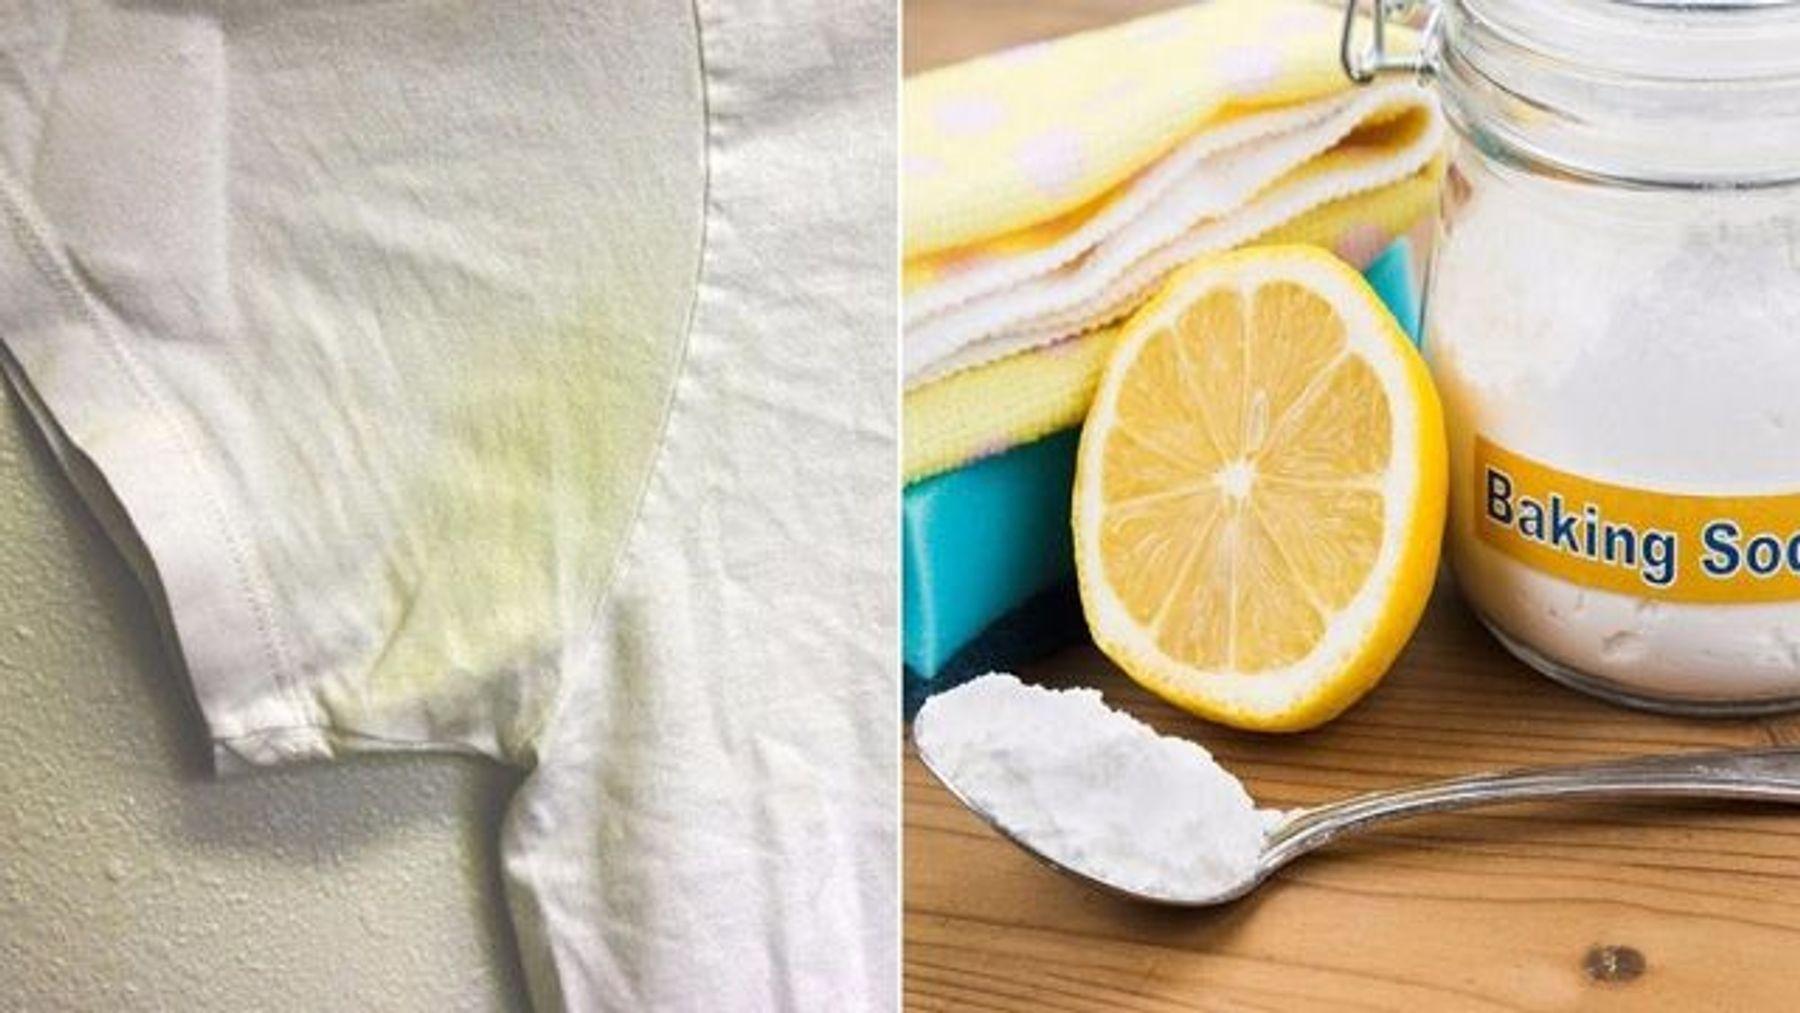 Cách tẩy áo trắng bị ố vàng bằng chanh tươi + baking soda